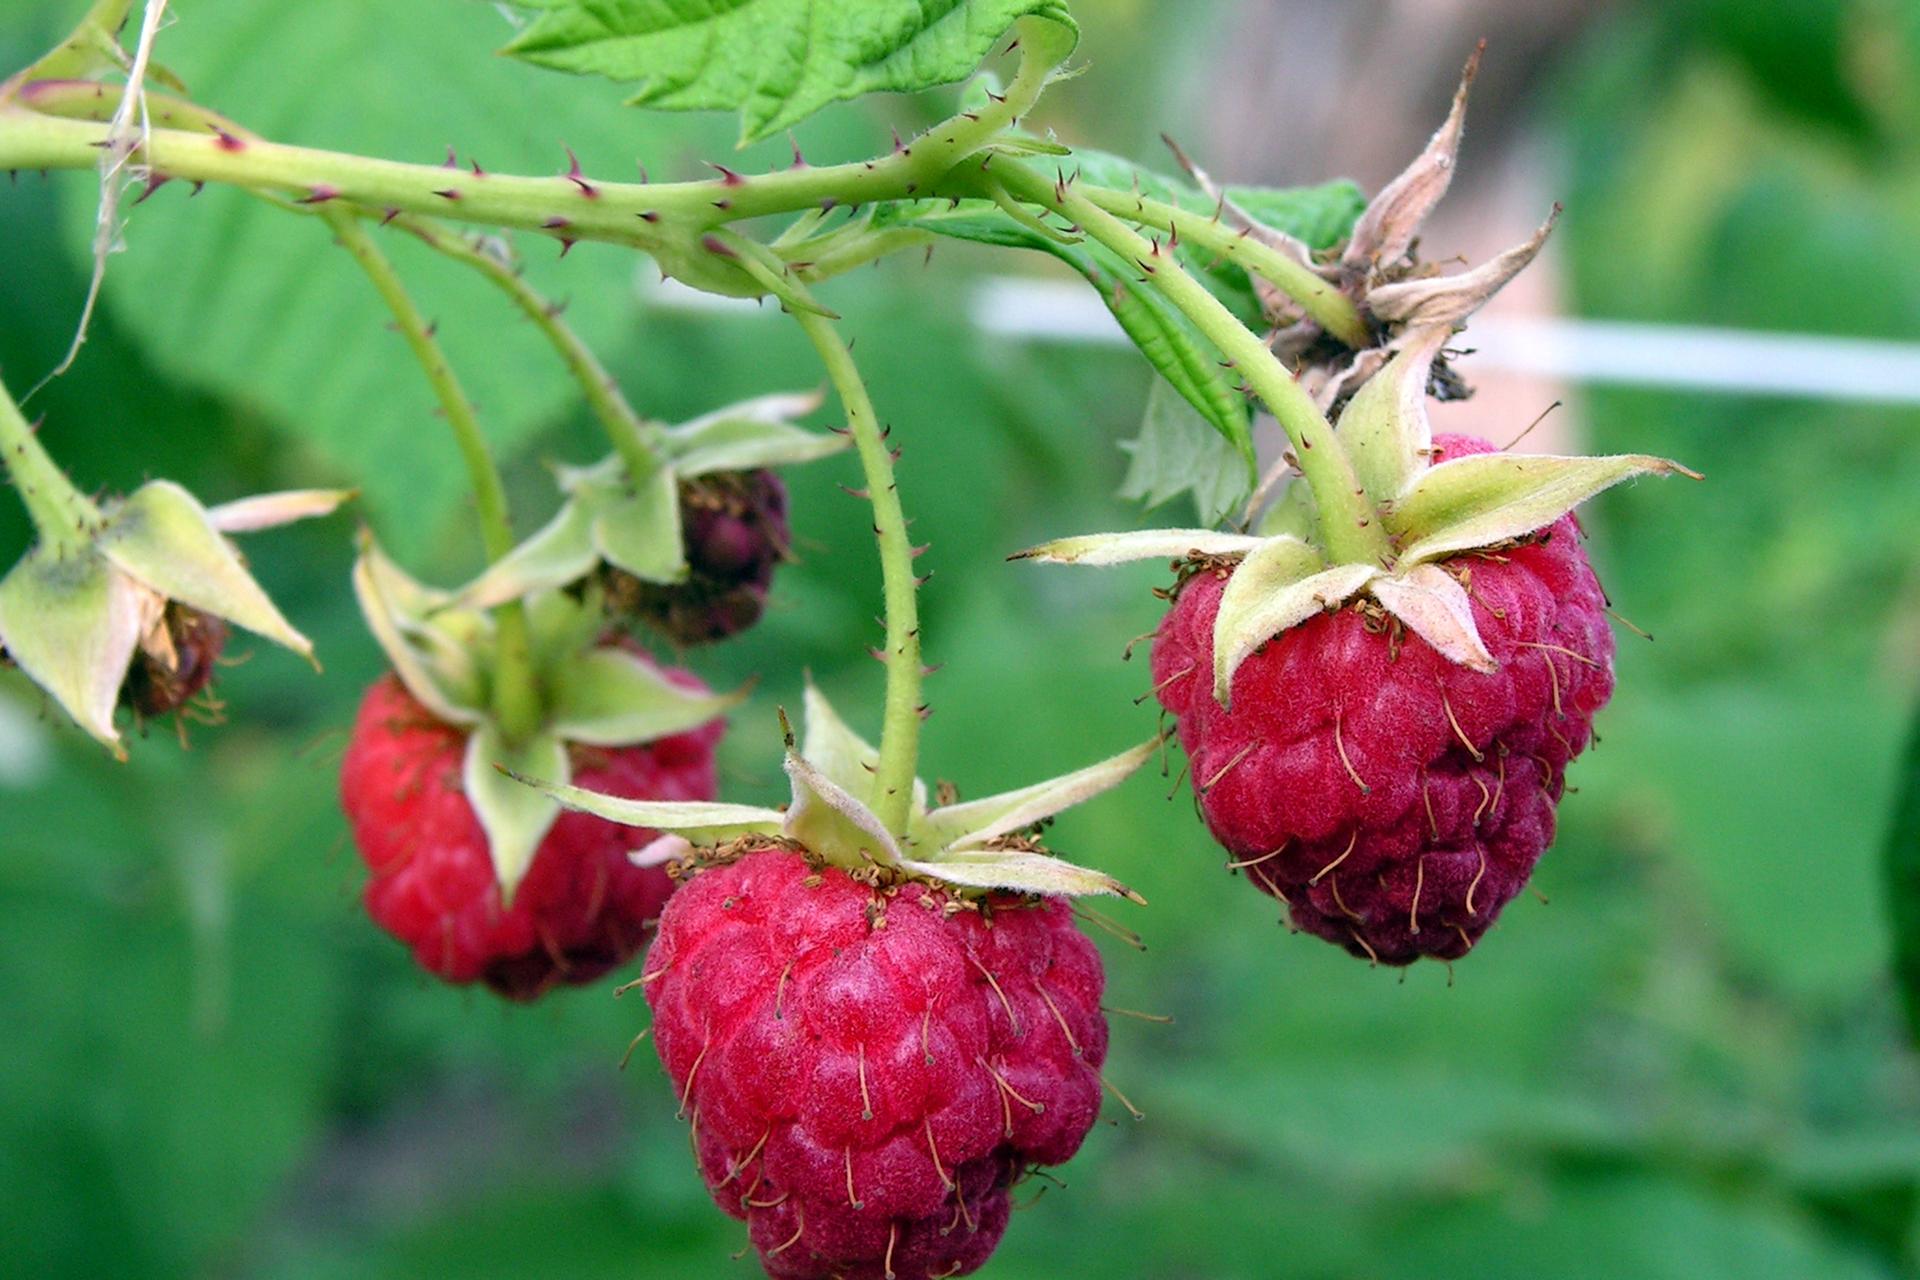 Fotografia przedstawia wzbliżeniu zielony pęd maliny ztrzema dojrzałymi, różowymi owocami. Na pędzie są liczne, drobne fioletowe kolce.